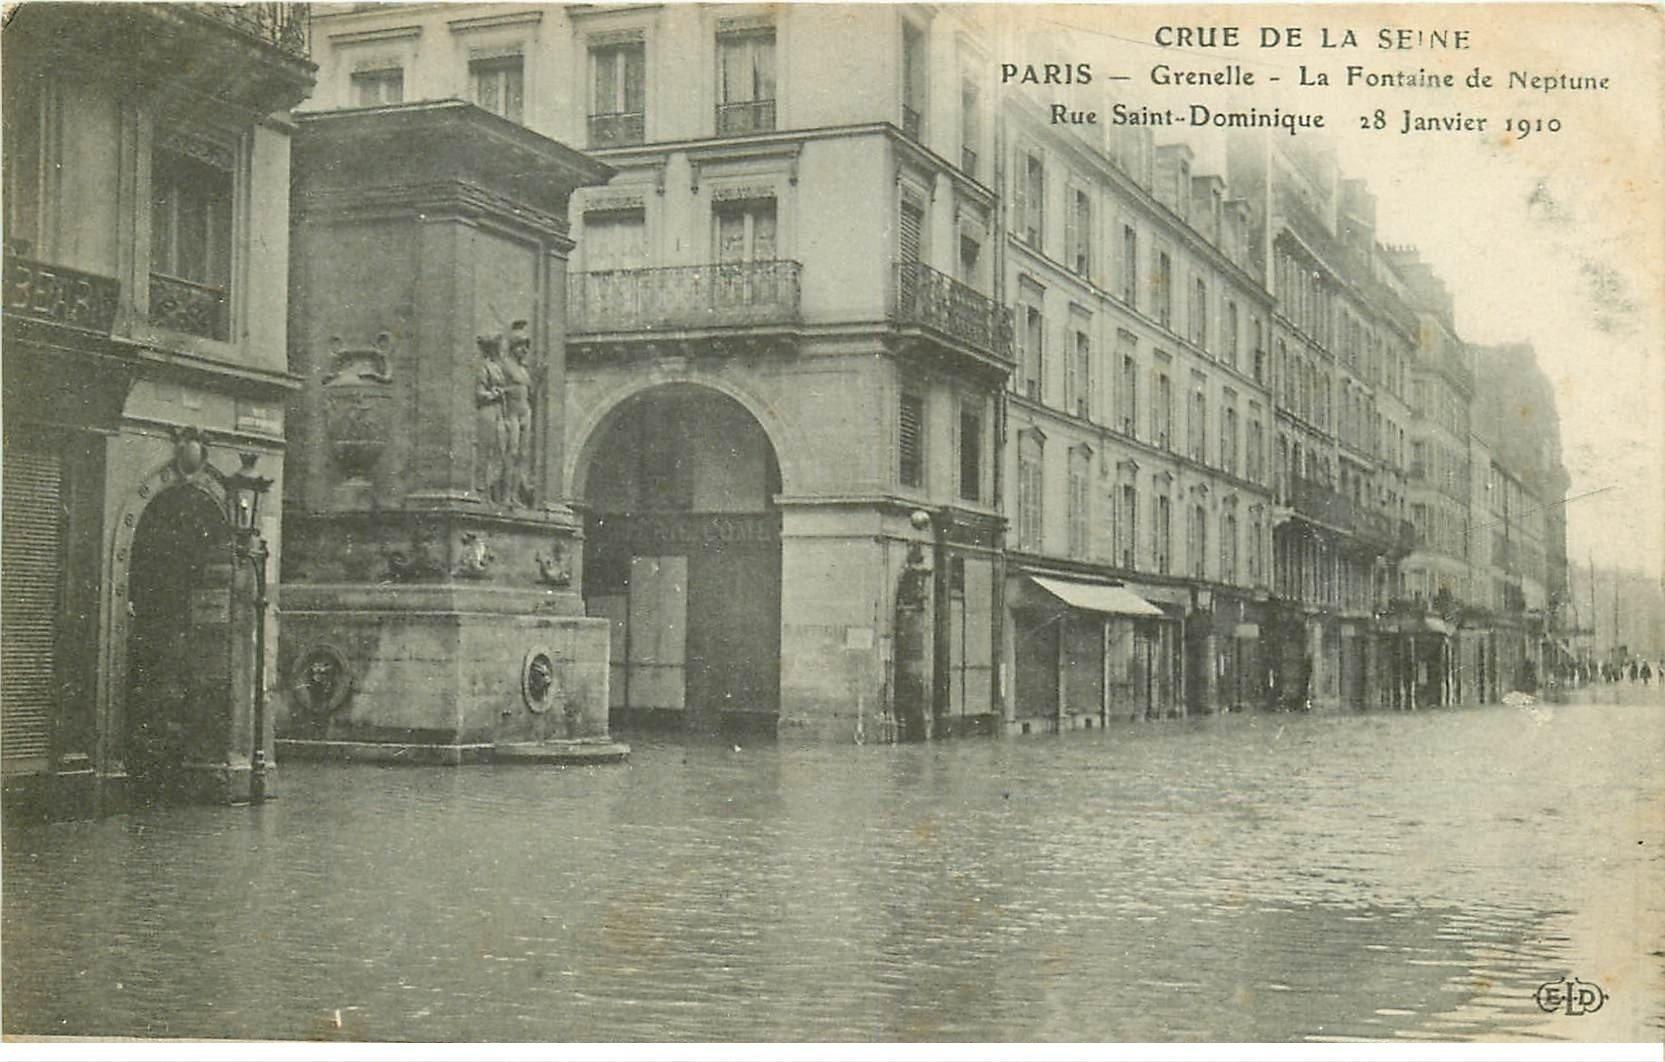 carte postale ancienne INONDATION ET CRUE DE PARIS 1910. Rue Saint-Dominique Fontaine Neptune